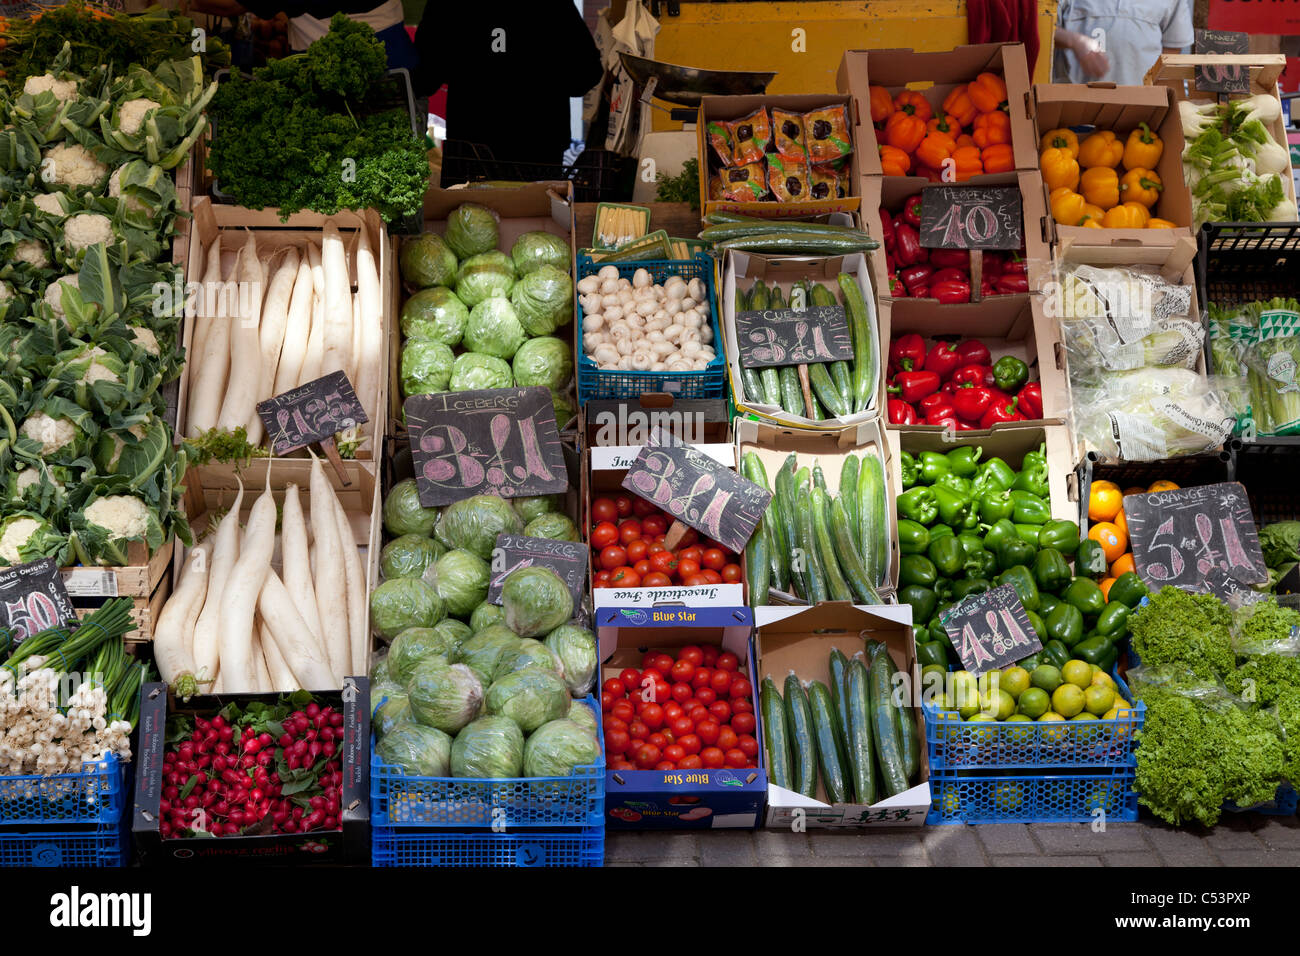 Kisten mit Gemüse und Salat Gemüse am Marktstand Stockbild